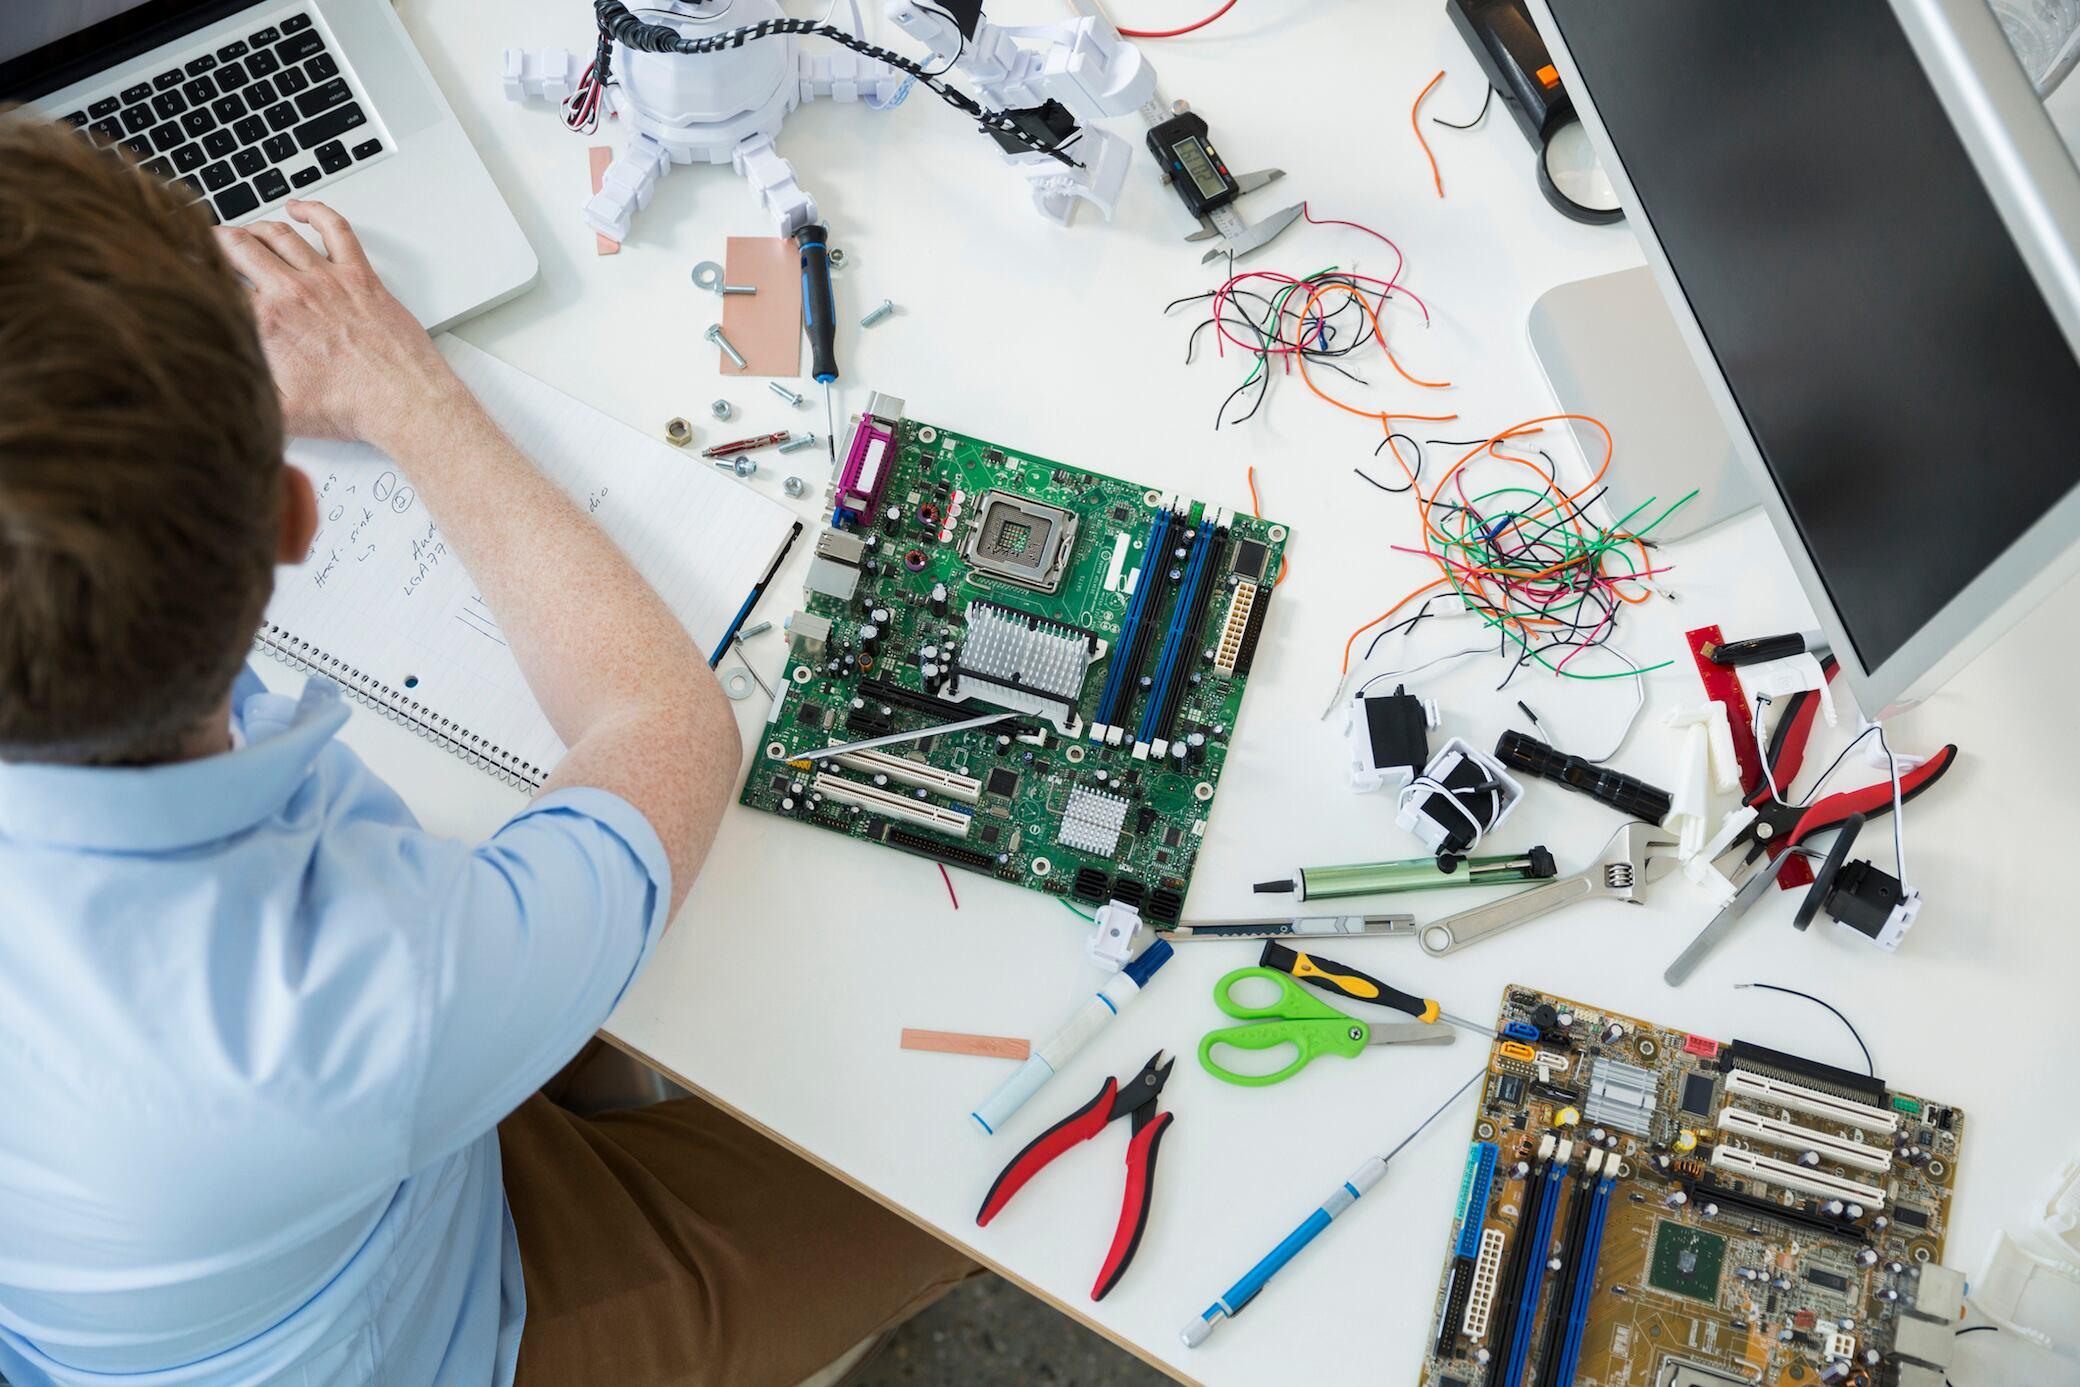 Die Reparatur von defekten Geräten feiert ein Comeback